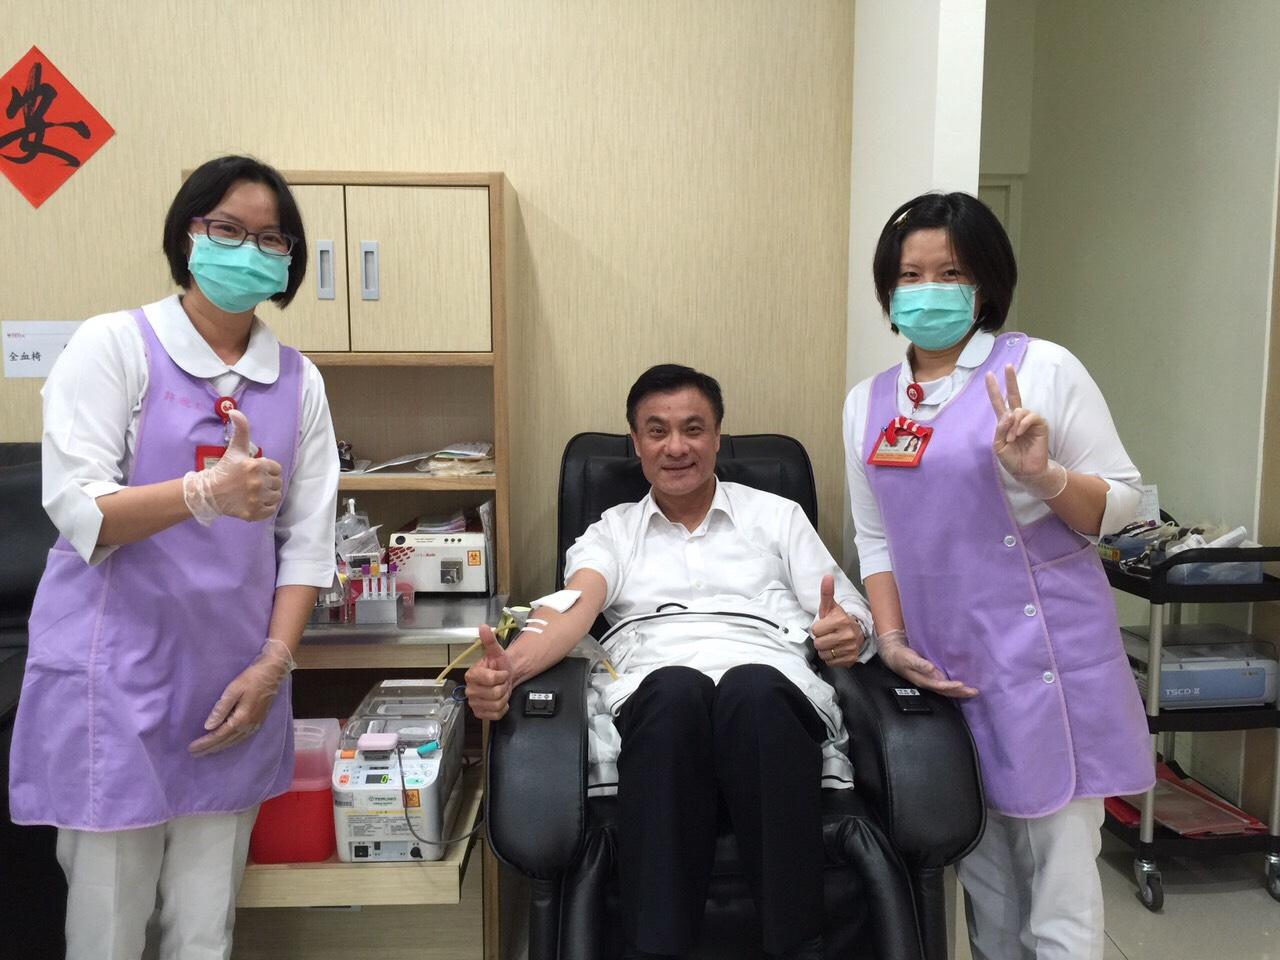 熱情屏東人~立法院蘇嘉全院長捐出熱血,呼籲鄉親定期捐血~